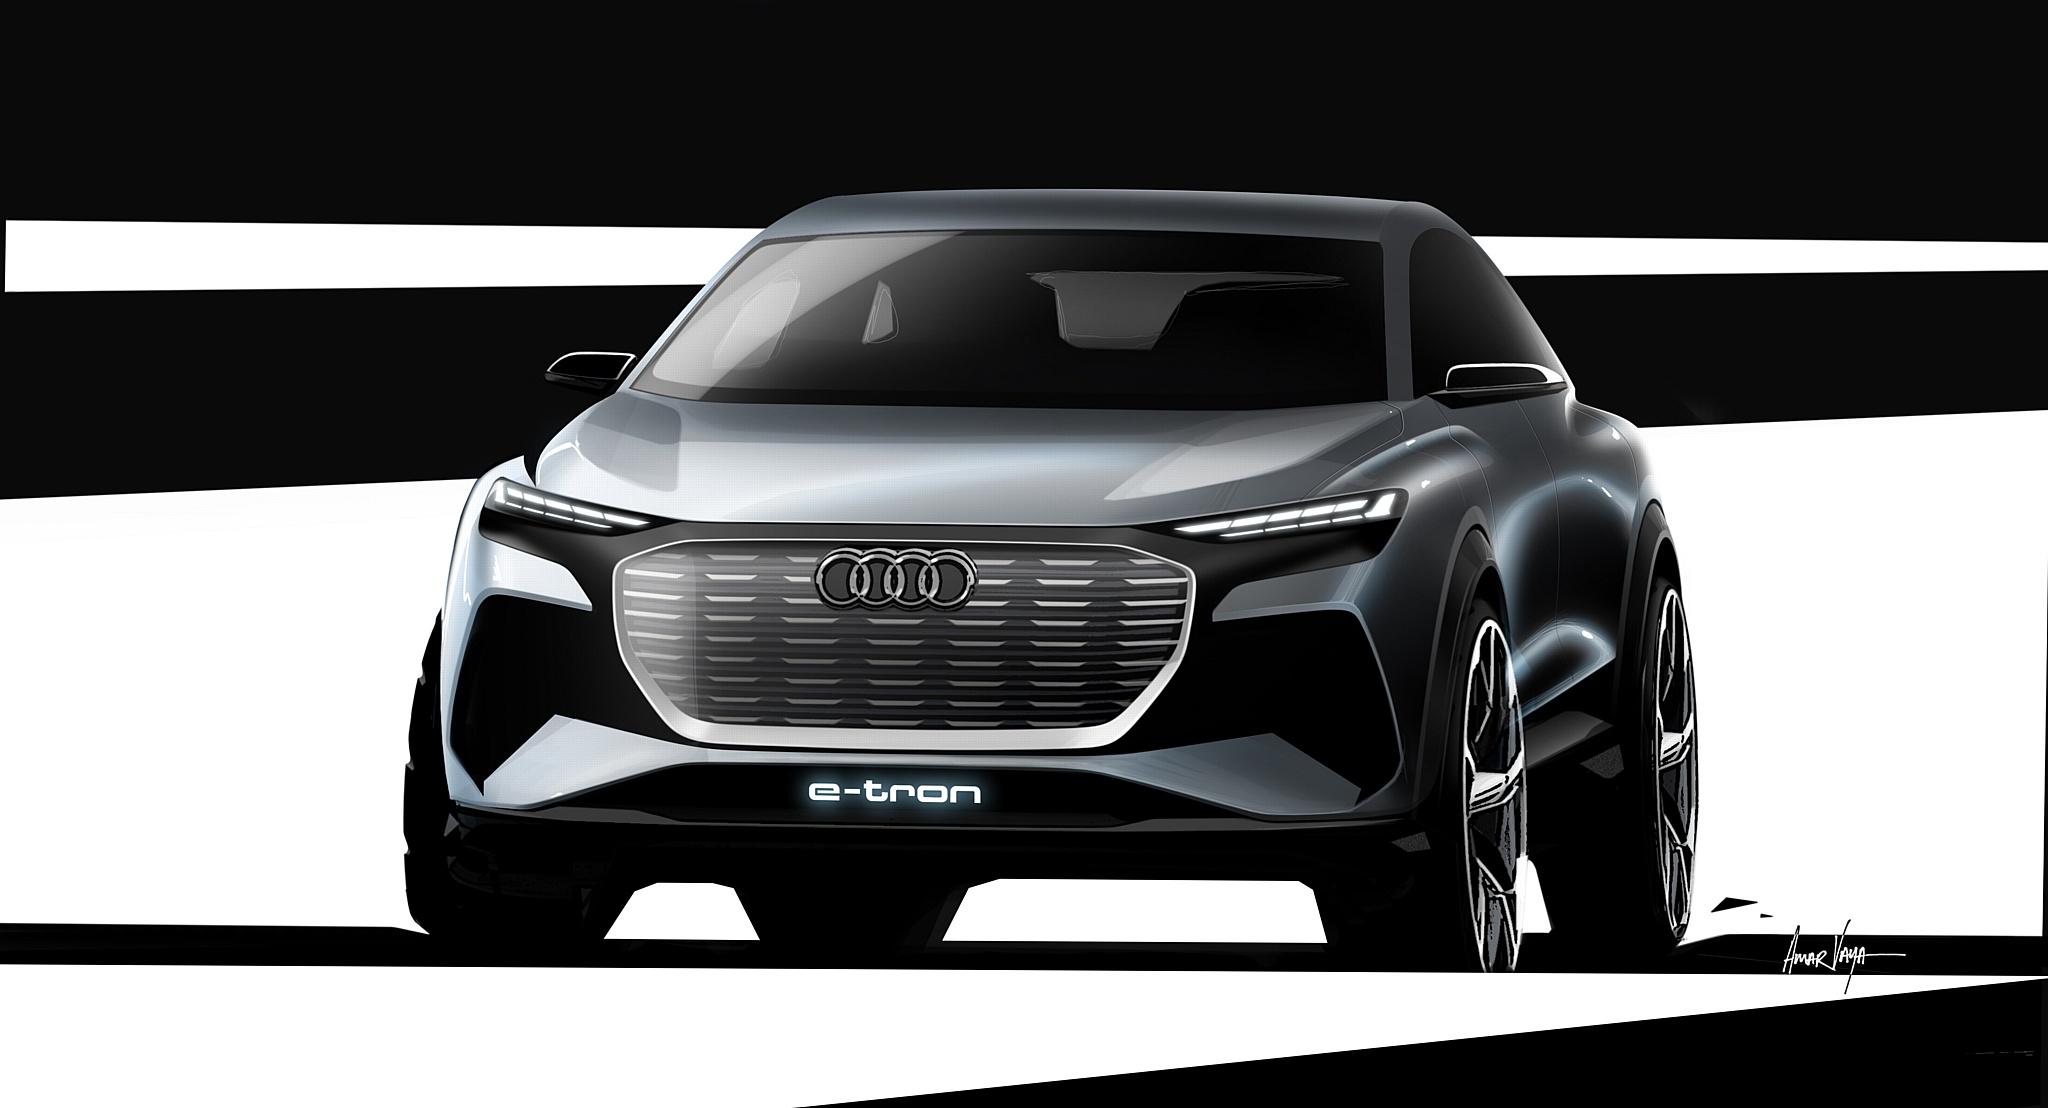 АЦ Волгоградский расскажет, что Audi показал на Женевском автосалоне 2019